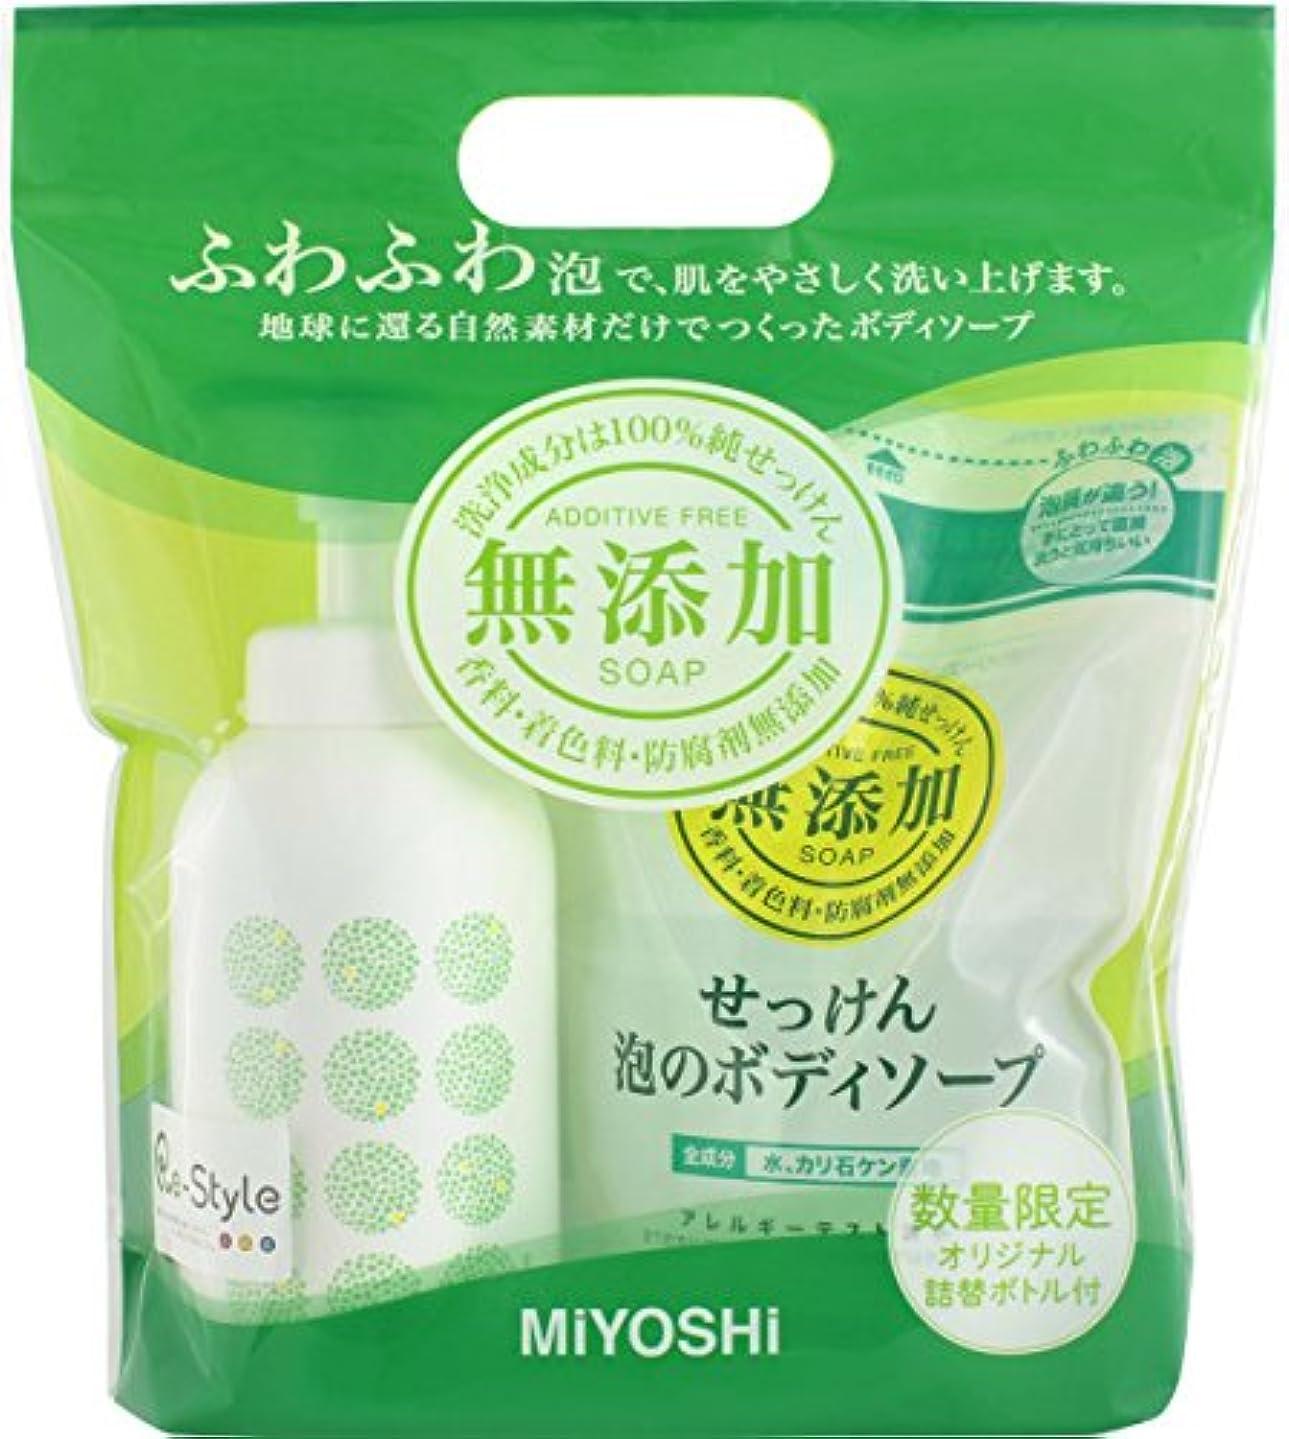 動機範囲ありふれたミヨシ石鹸 無添加せっけん 泡のボディソープ詰替450ML オリジナル空ボトル付き ペアセット